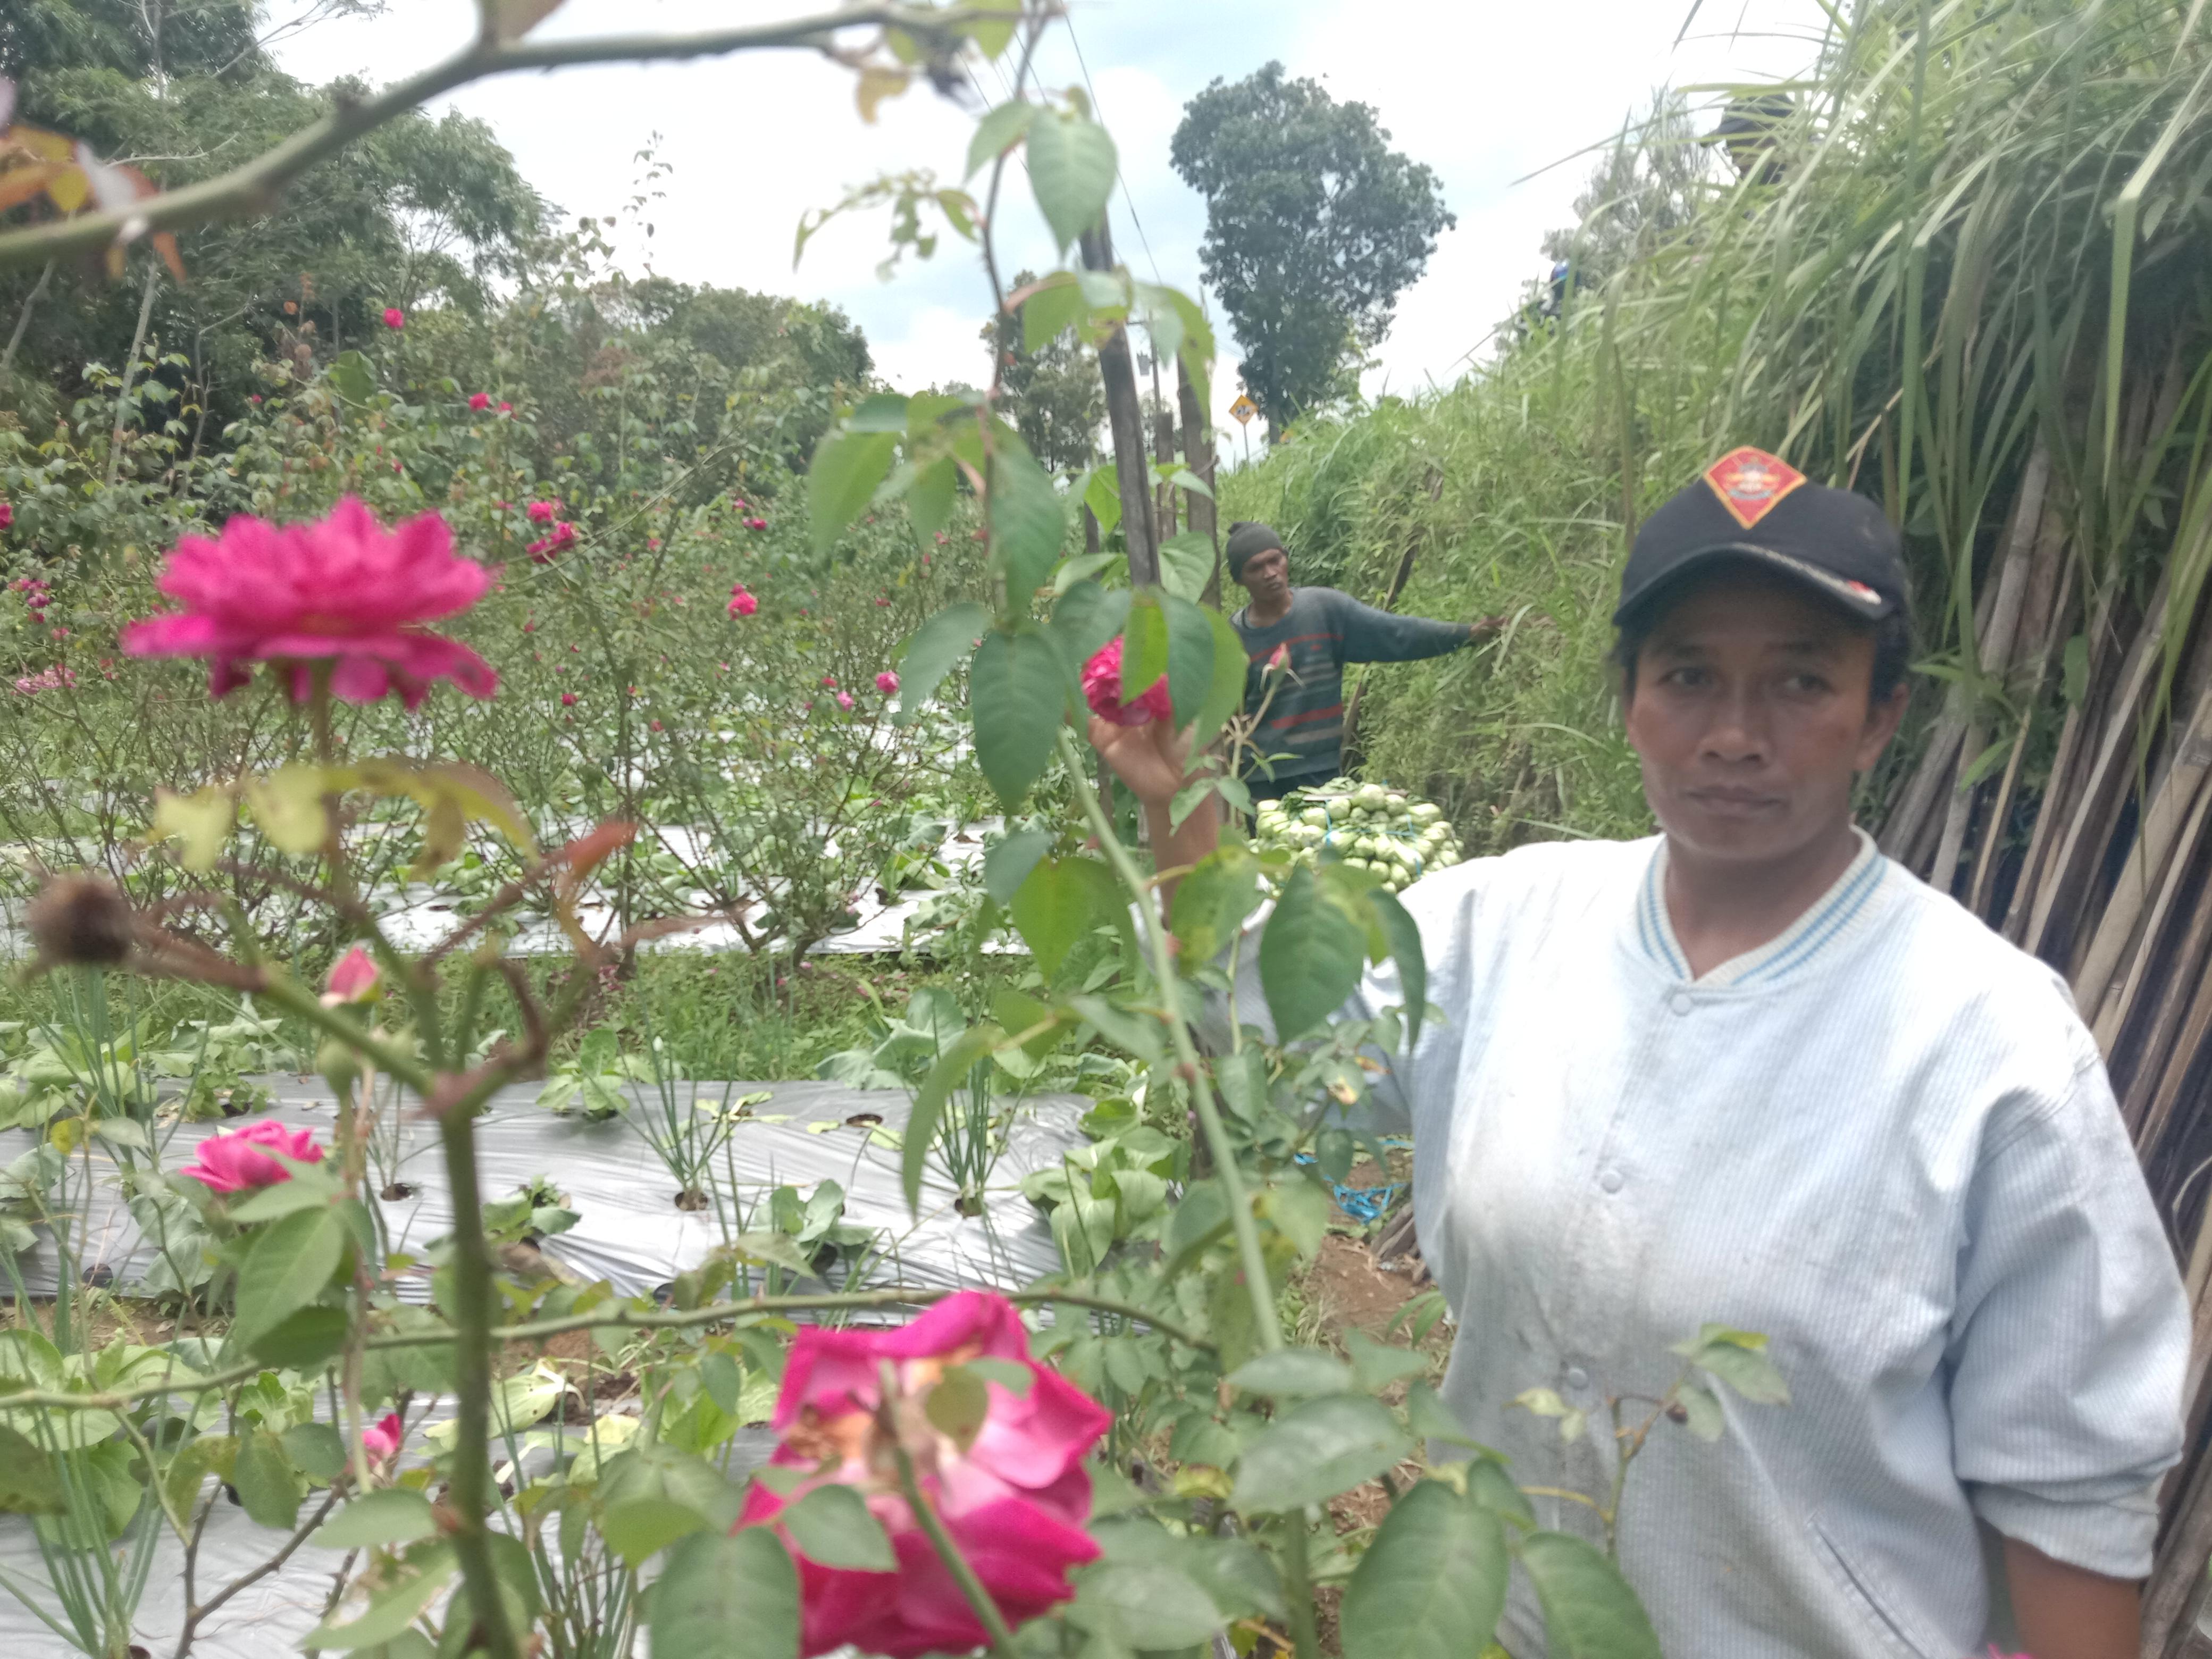 Berita Magelang Bunga Mawar Jadi Salah Satu Komoditas Unggulan Petani Pakis